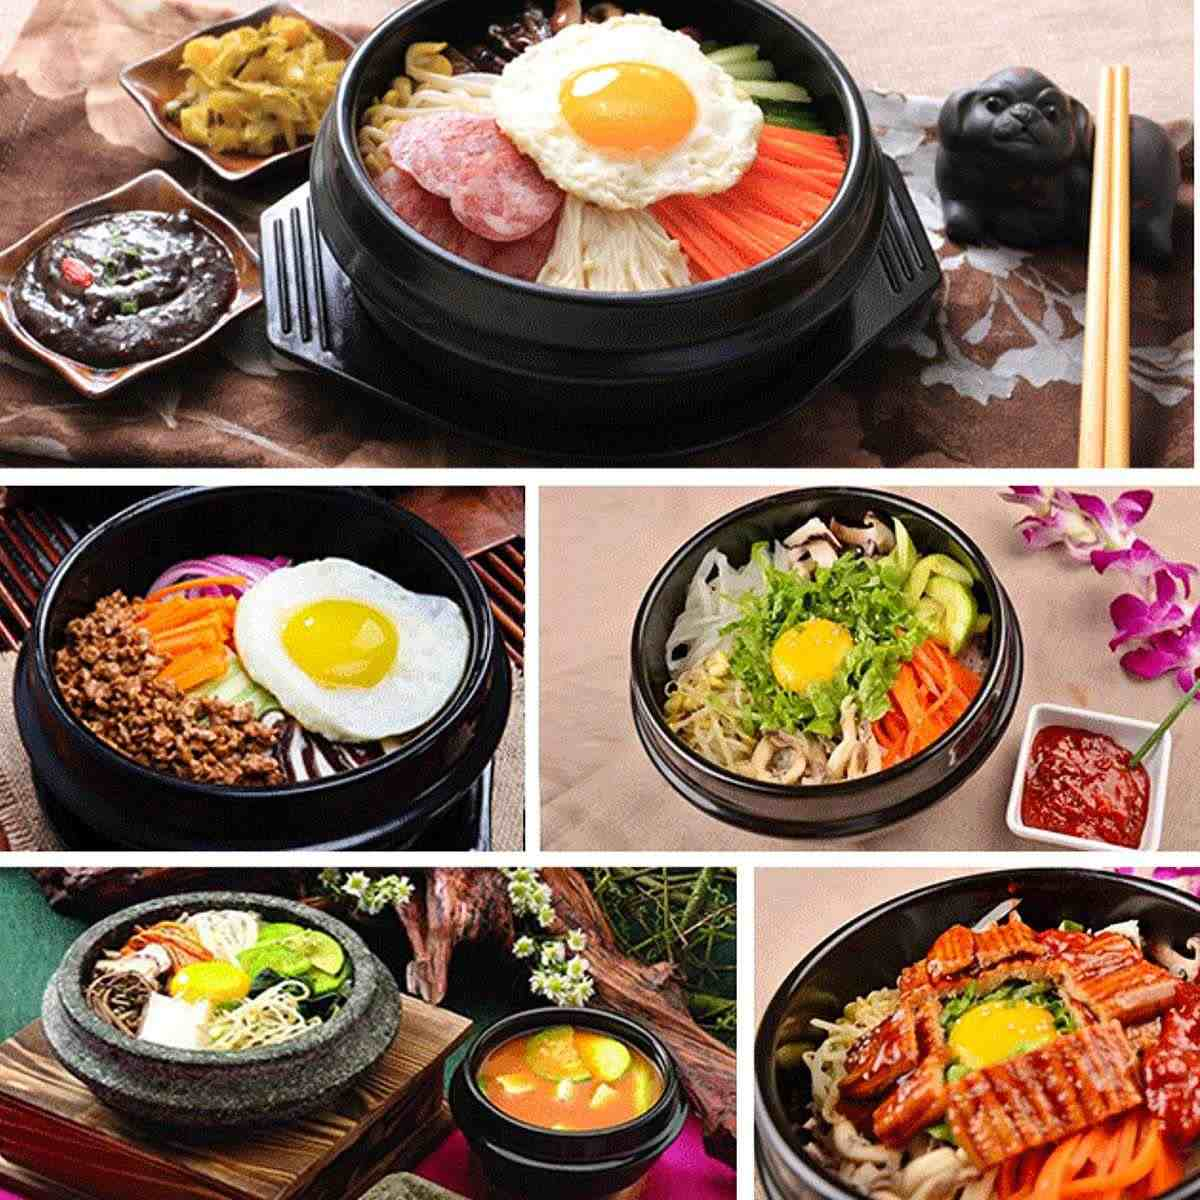 16 cm czarny klasyczny koreański kamień garnek kuchni zestawy ceramiczne kamień miska Pot dla Bibimbap ceramiczne zupa Ramen miski ryżu big wielkości